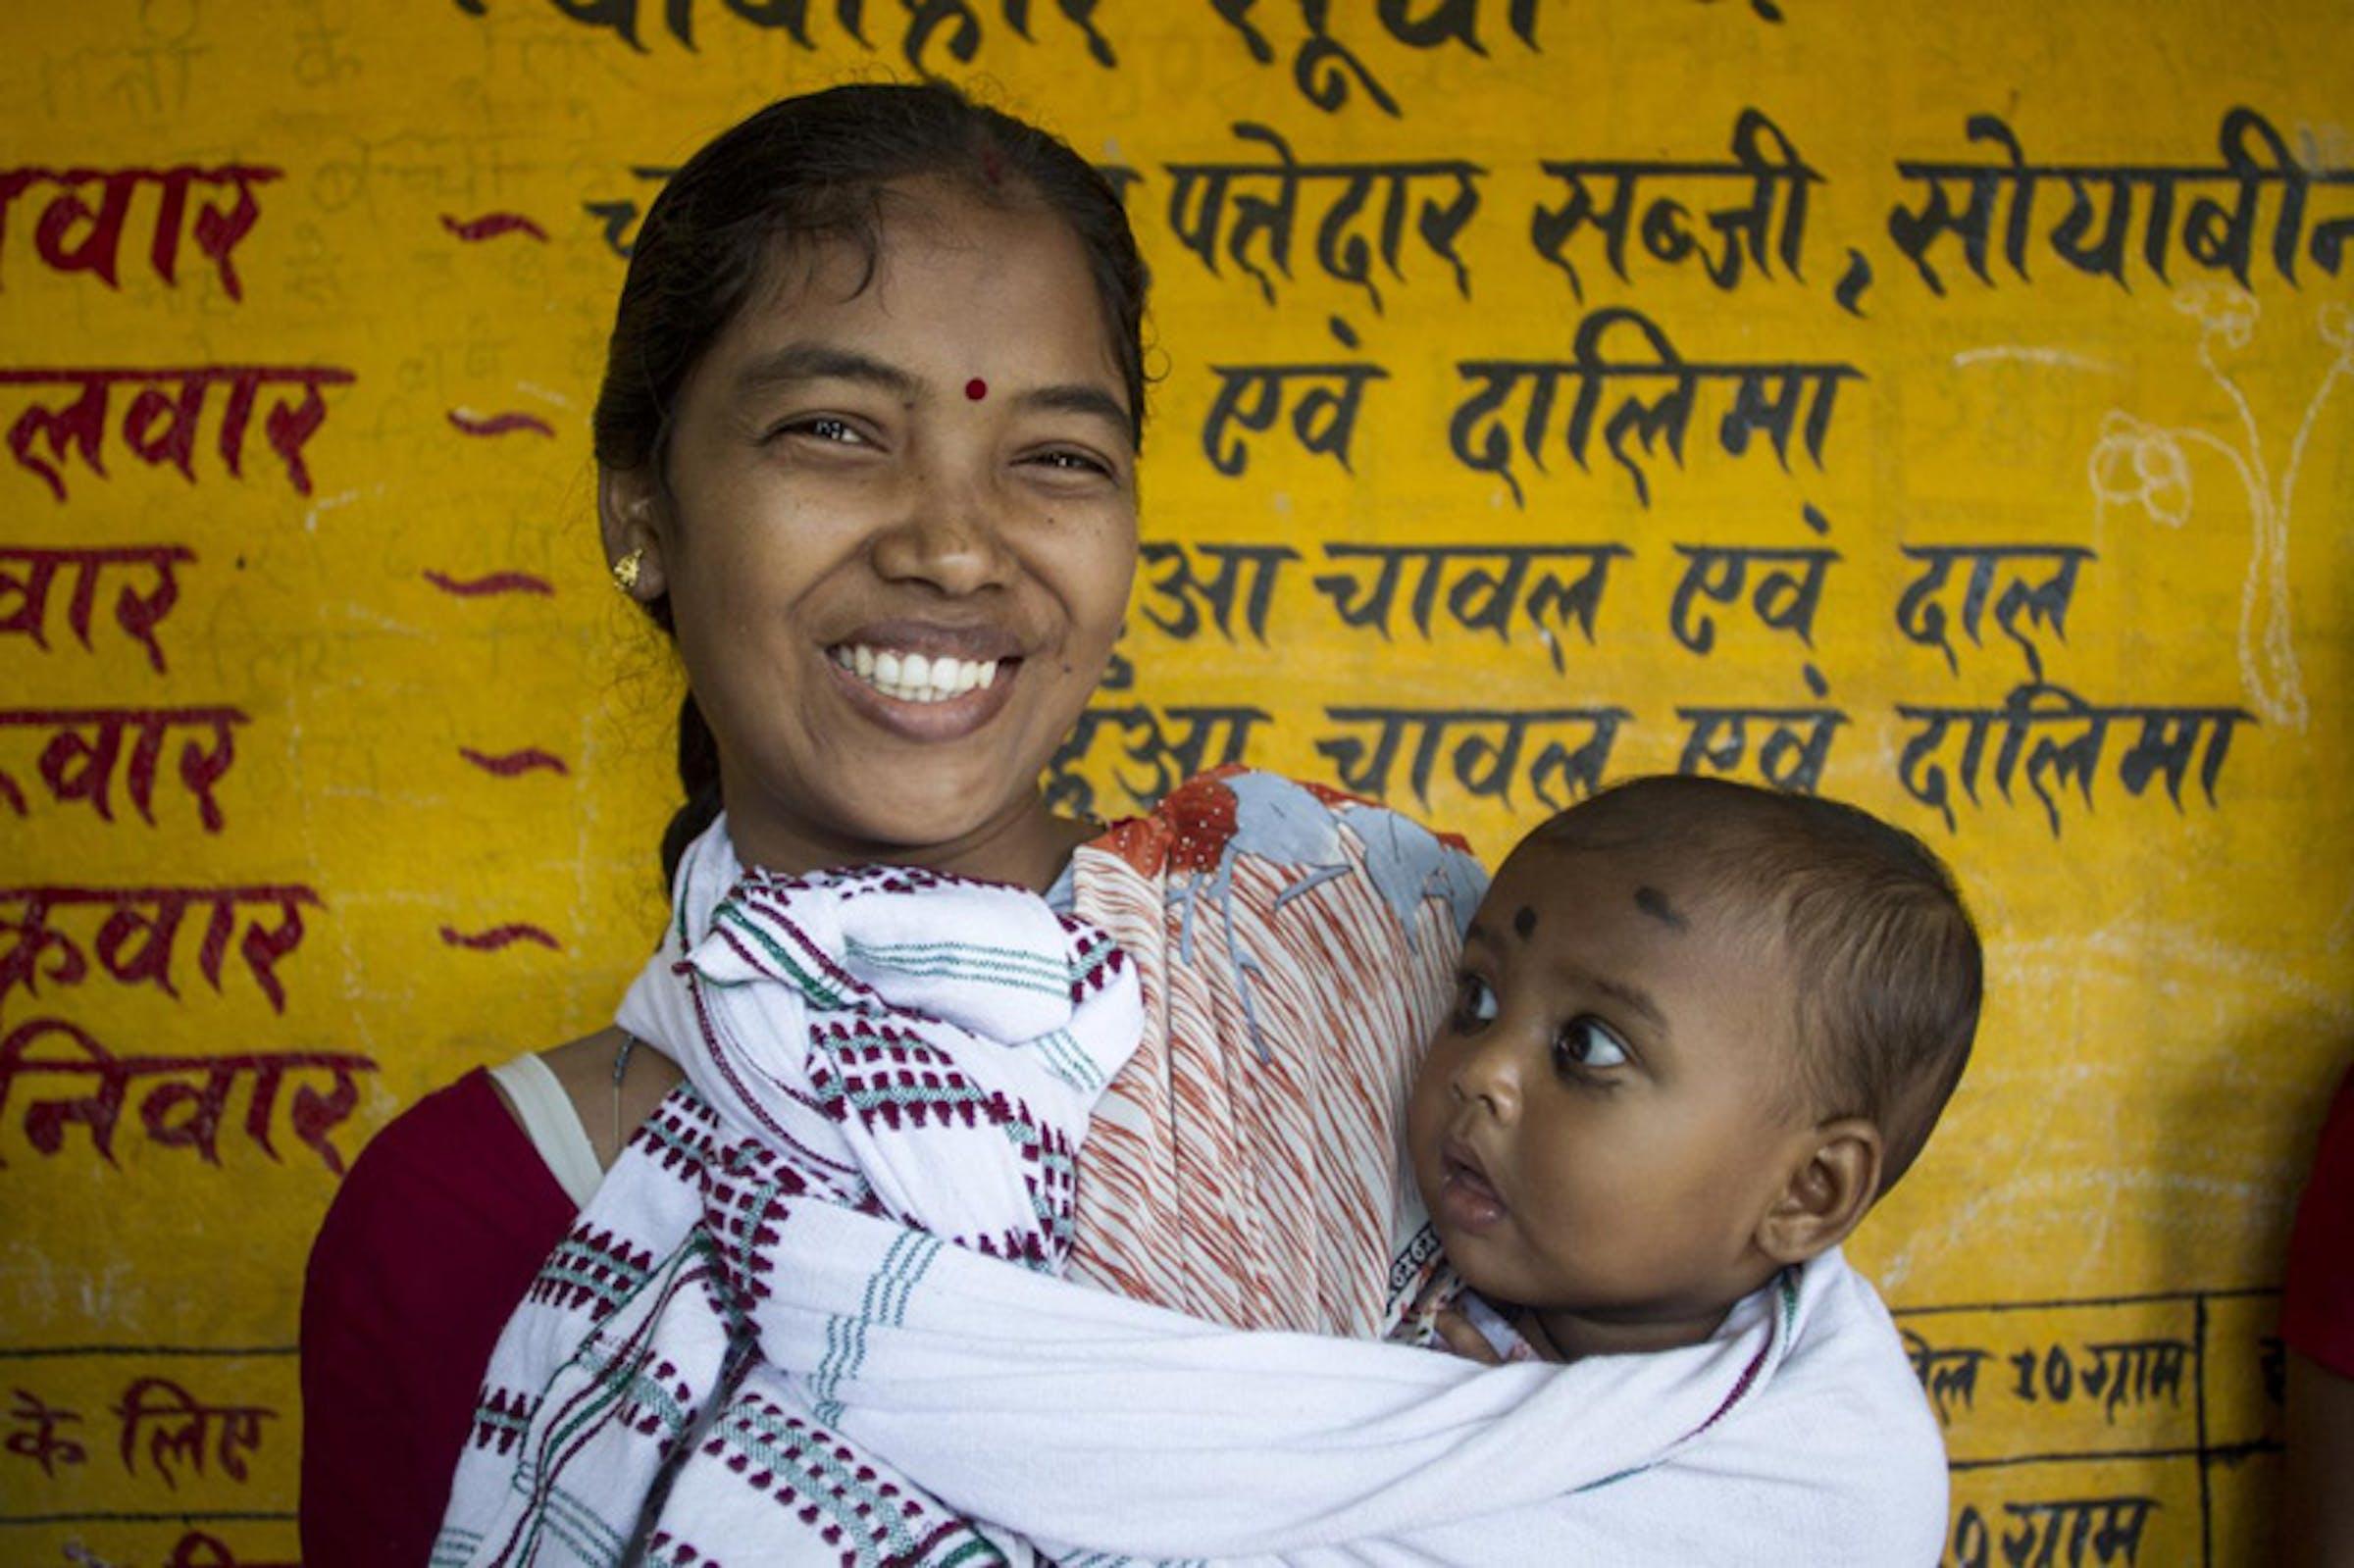 Vinita Linda con la sua bambina Ankakhsha (8 mesi) in un Centro comunitario per il monitoraggio dello stato nutrizionale - ©UNICEF India/2012-0559/Dhiraj Singh